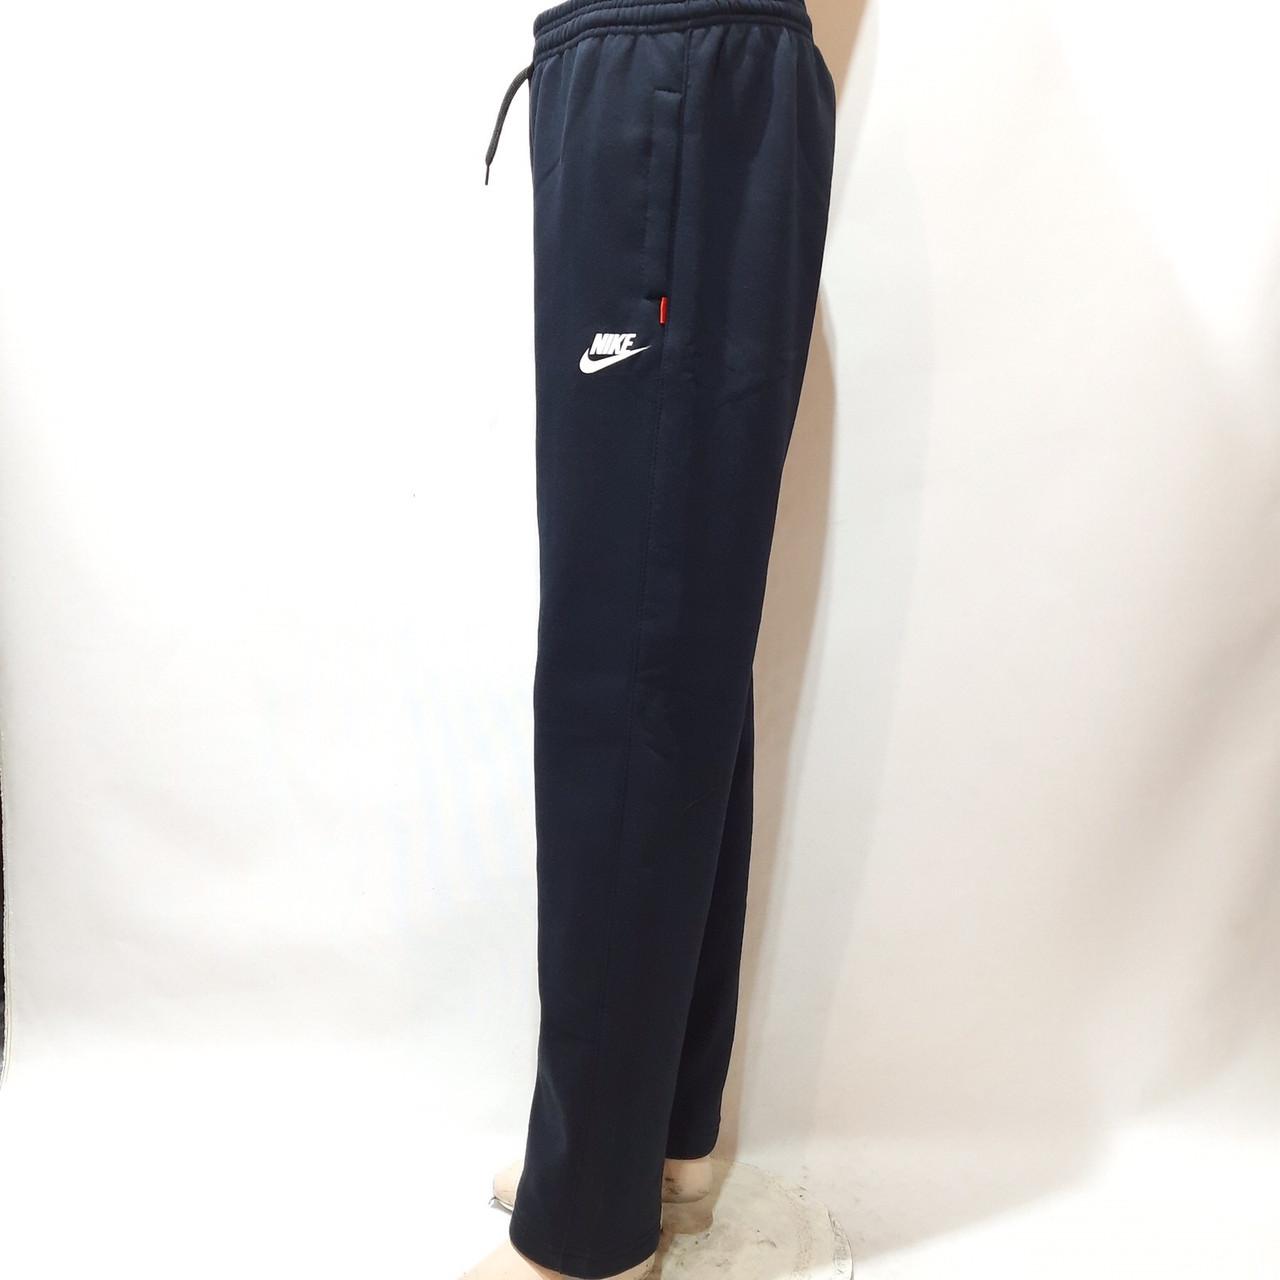 Чоловічі теплі спортивні штани (Великих розмірів) прямі Nike (Найк) з трикотажу Темно-сині